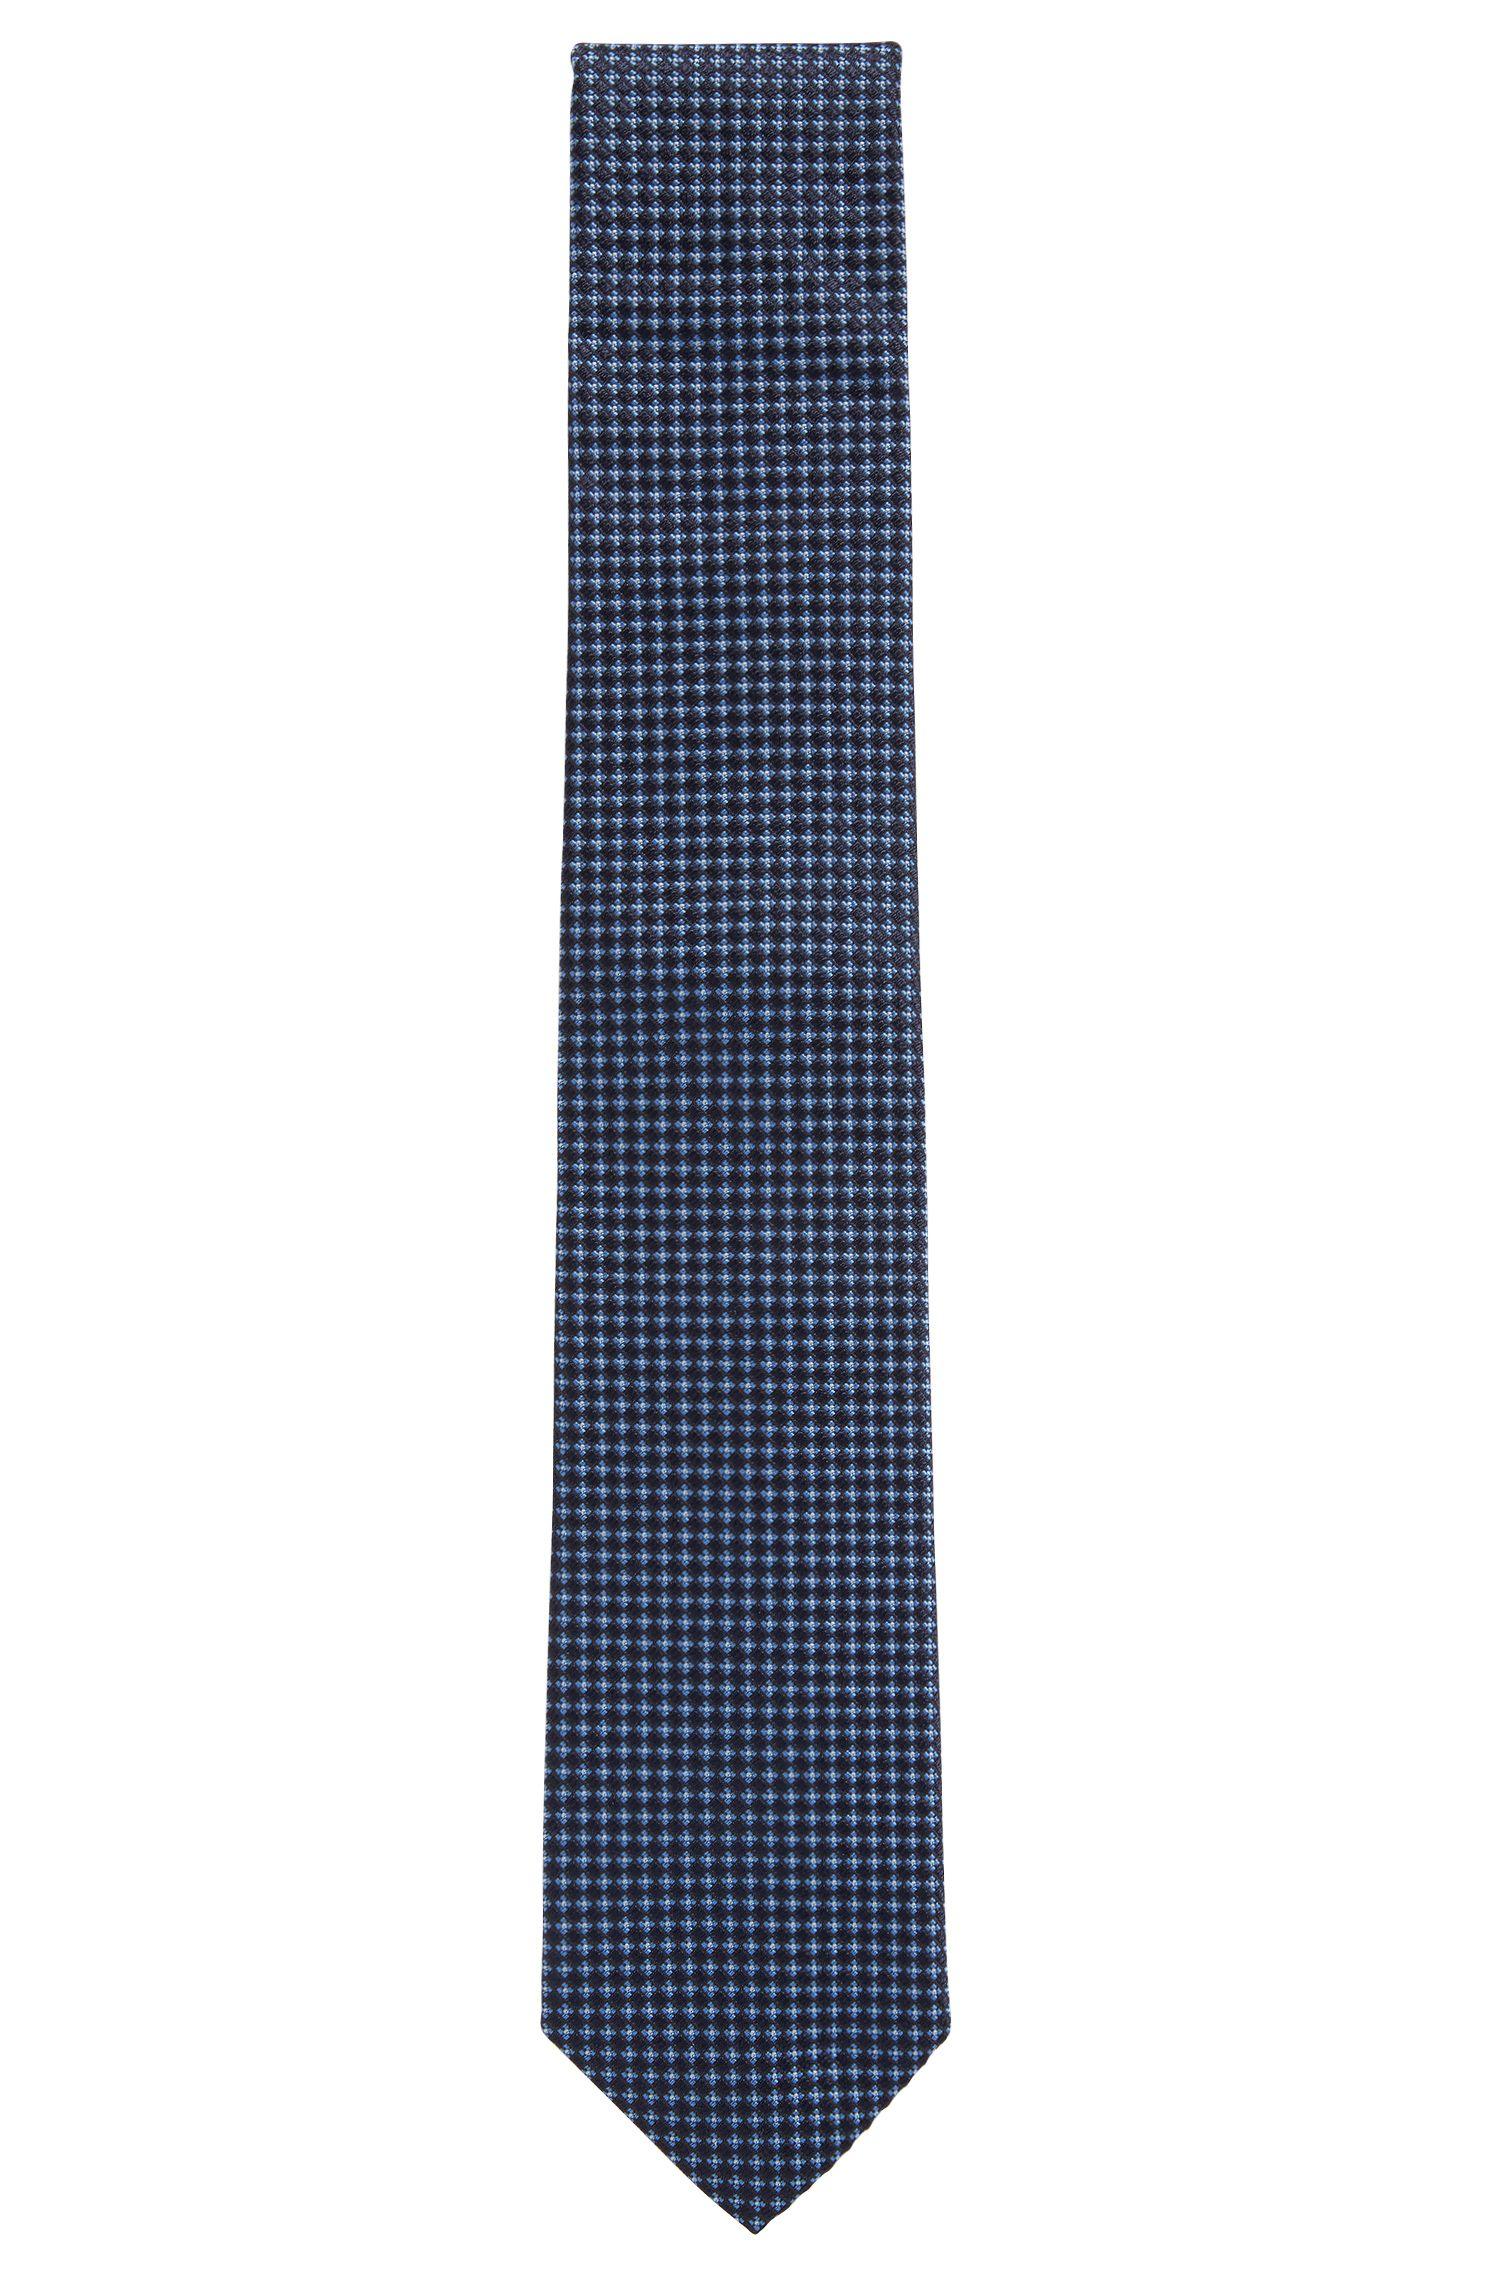 In Italien gefertigte Krawatte aus gemusterter Seide